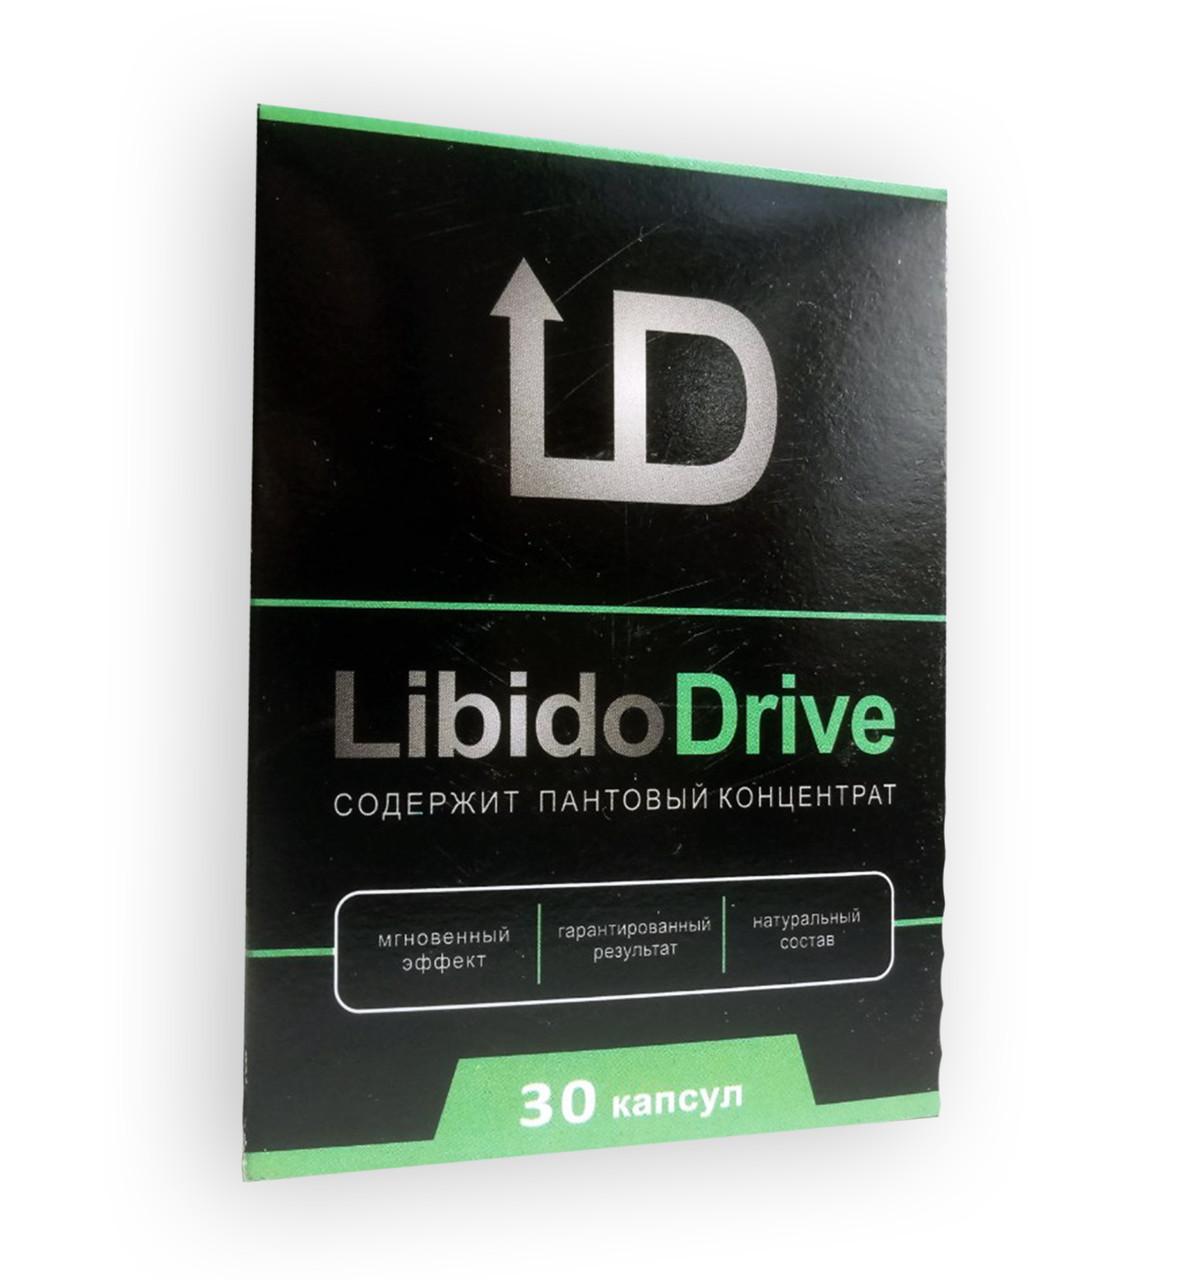 Libido Drive - Капсулы для потенции (Либидо Драйв), Усиливает половое возбуждение